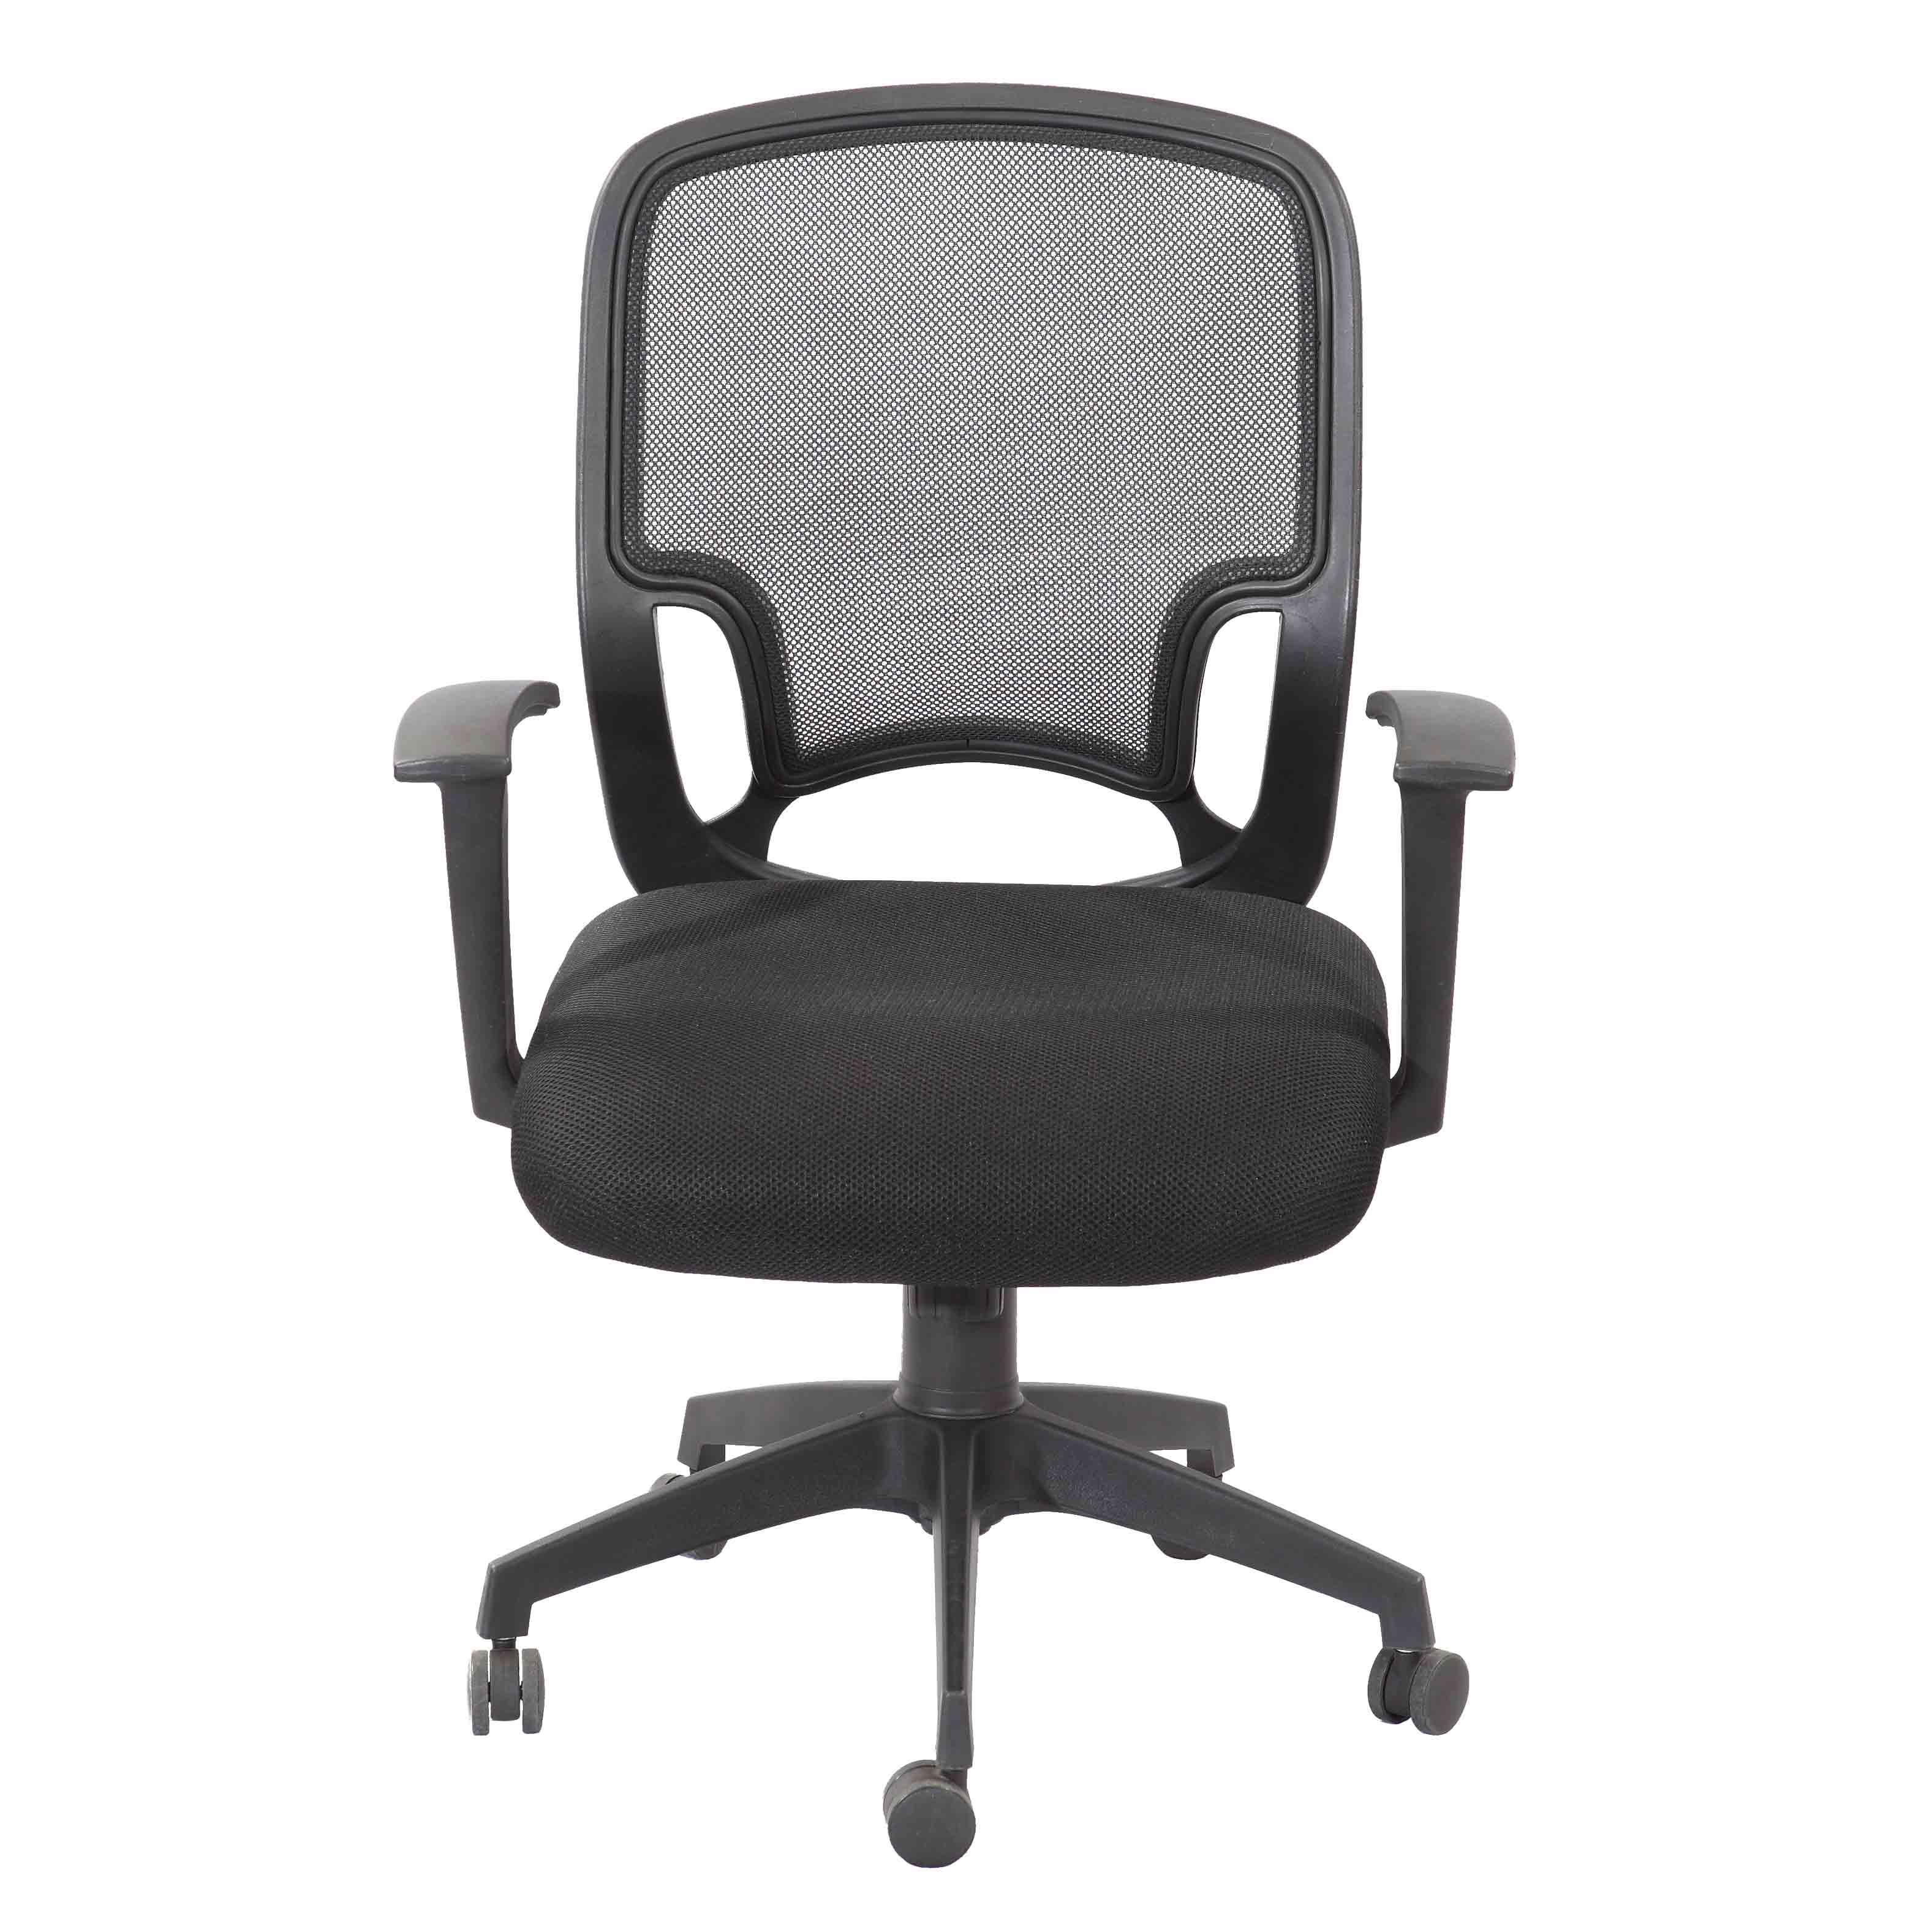 座椅系列网布椅Y-B150106